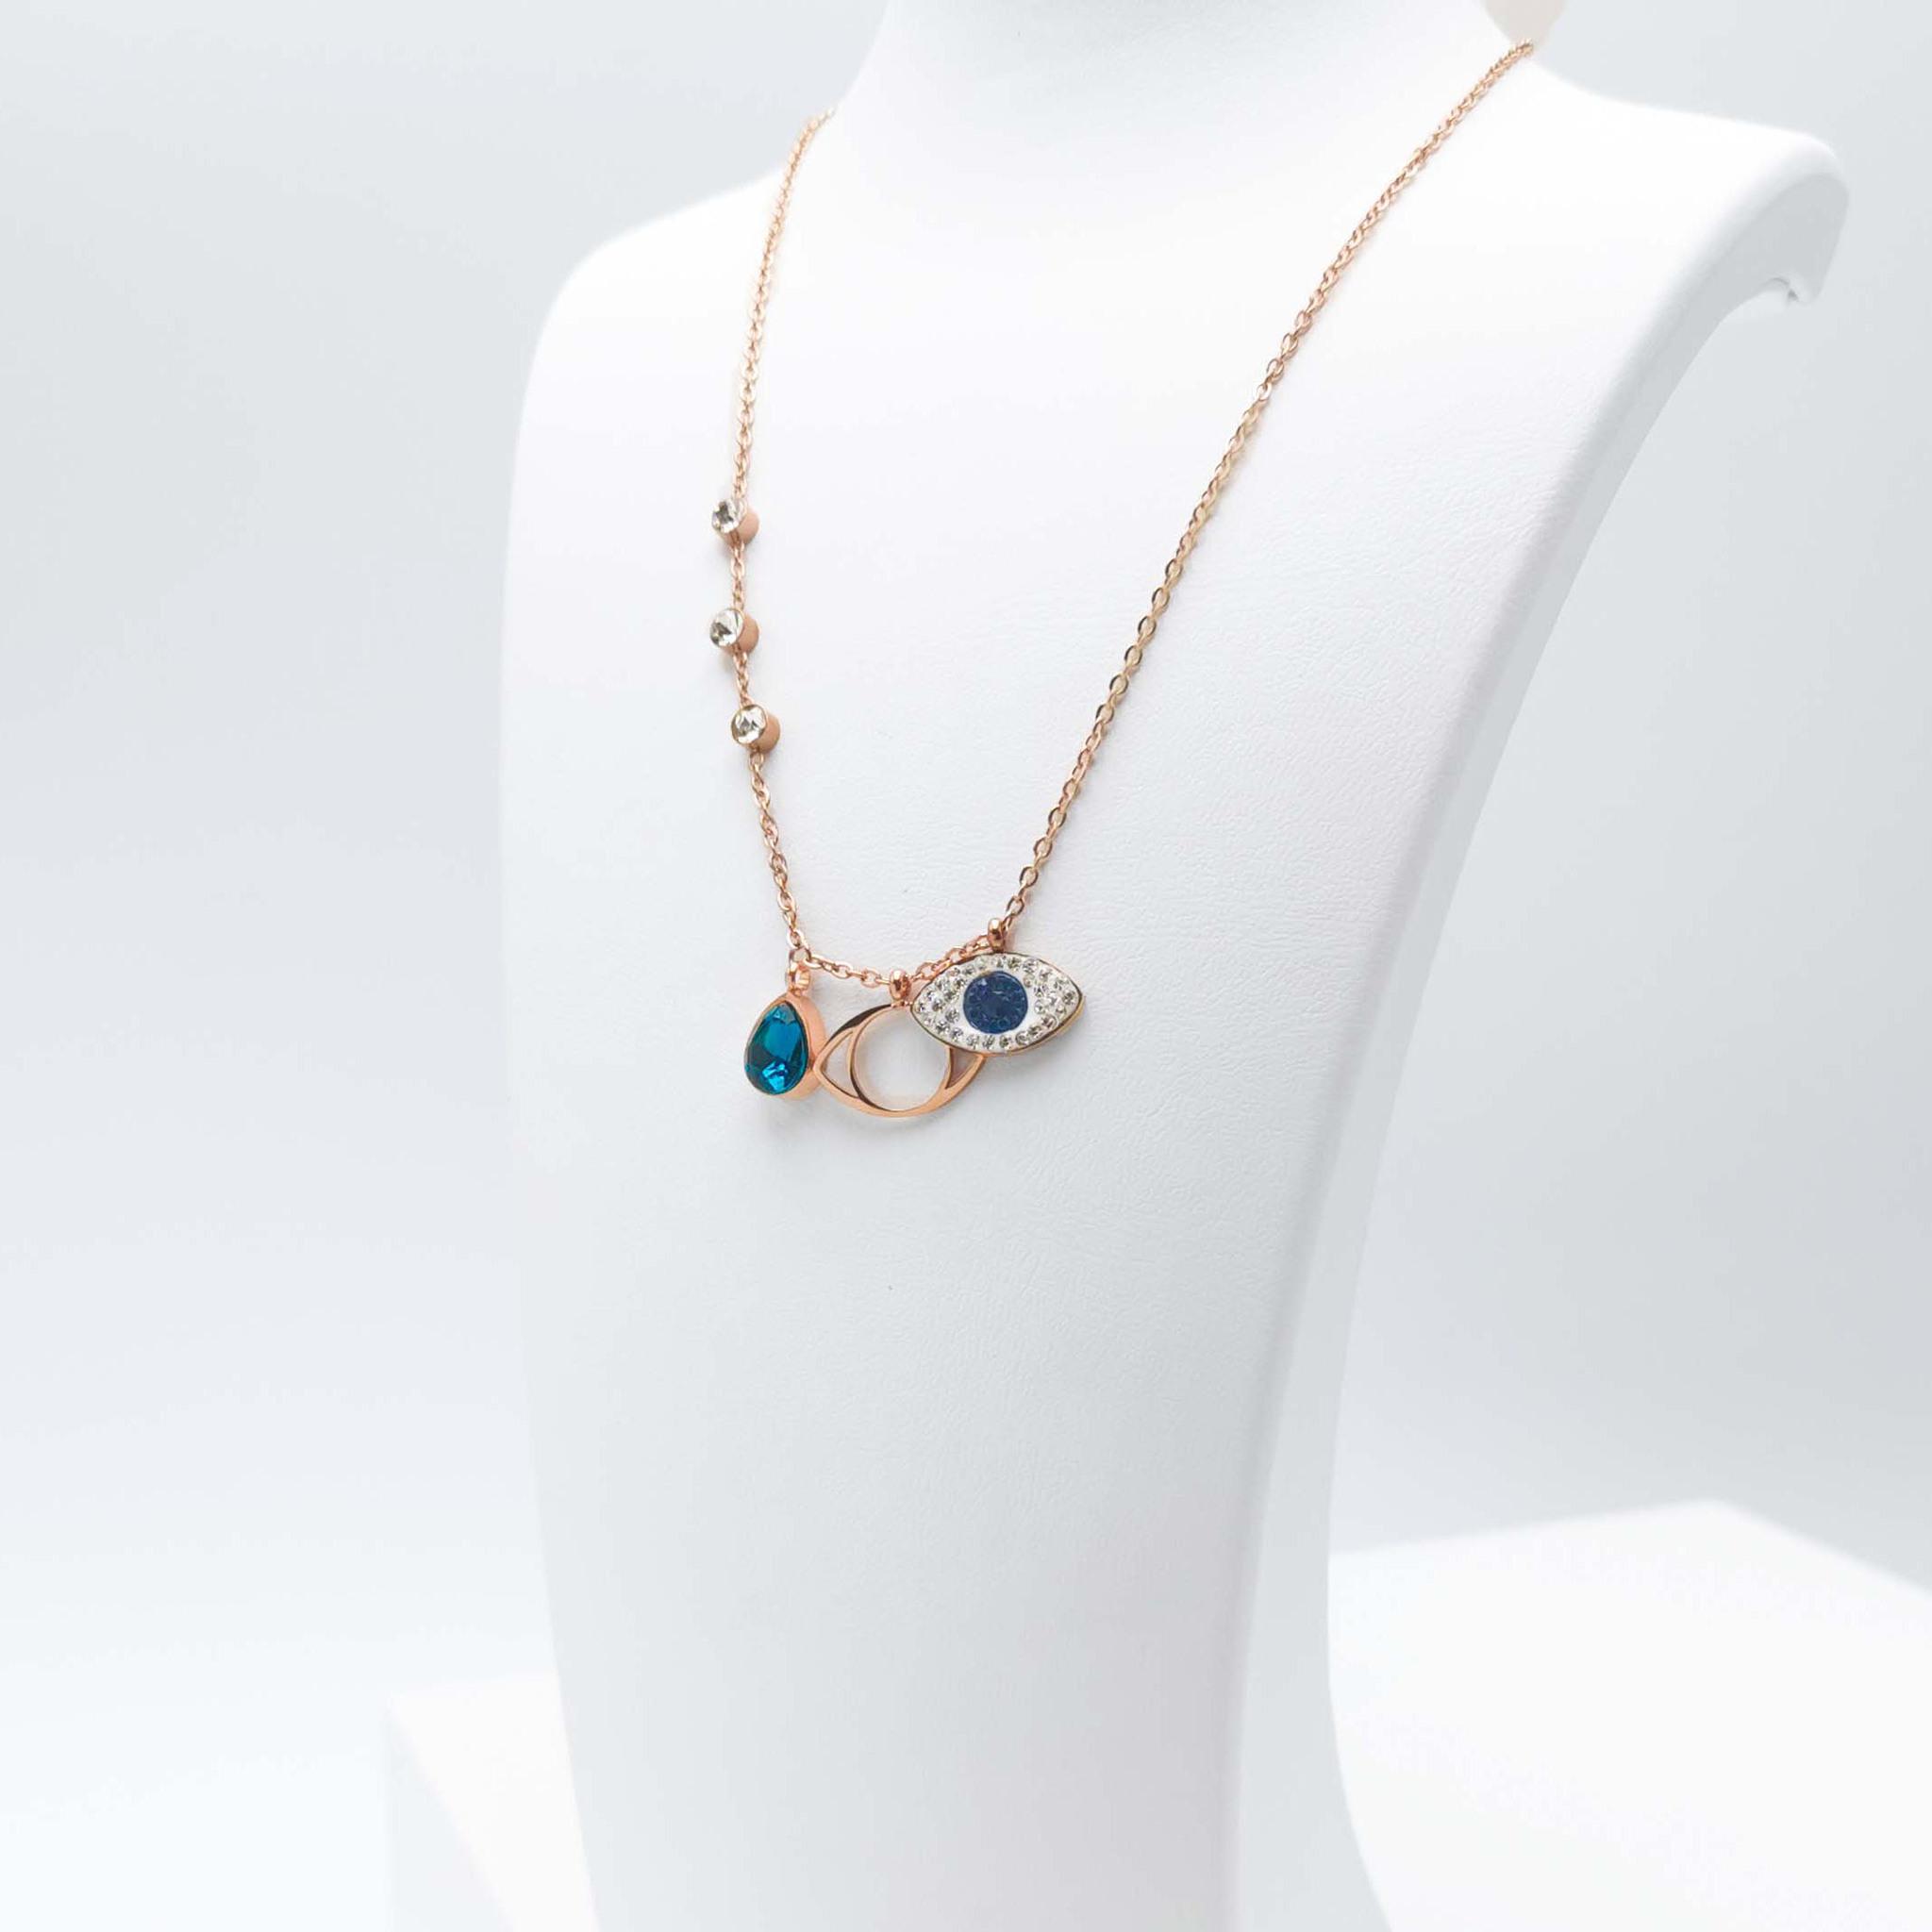 Lady Serenity bild 3 Dam halsband. Modern, stilren och exklusive Smycke.